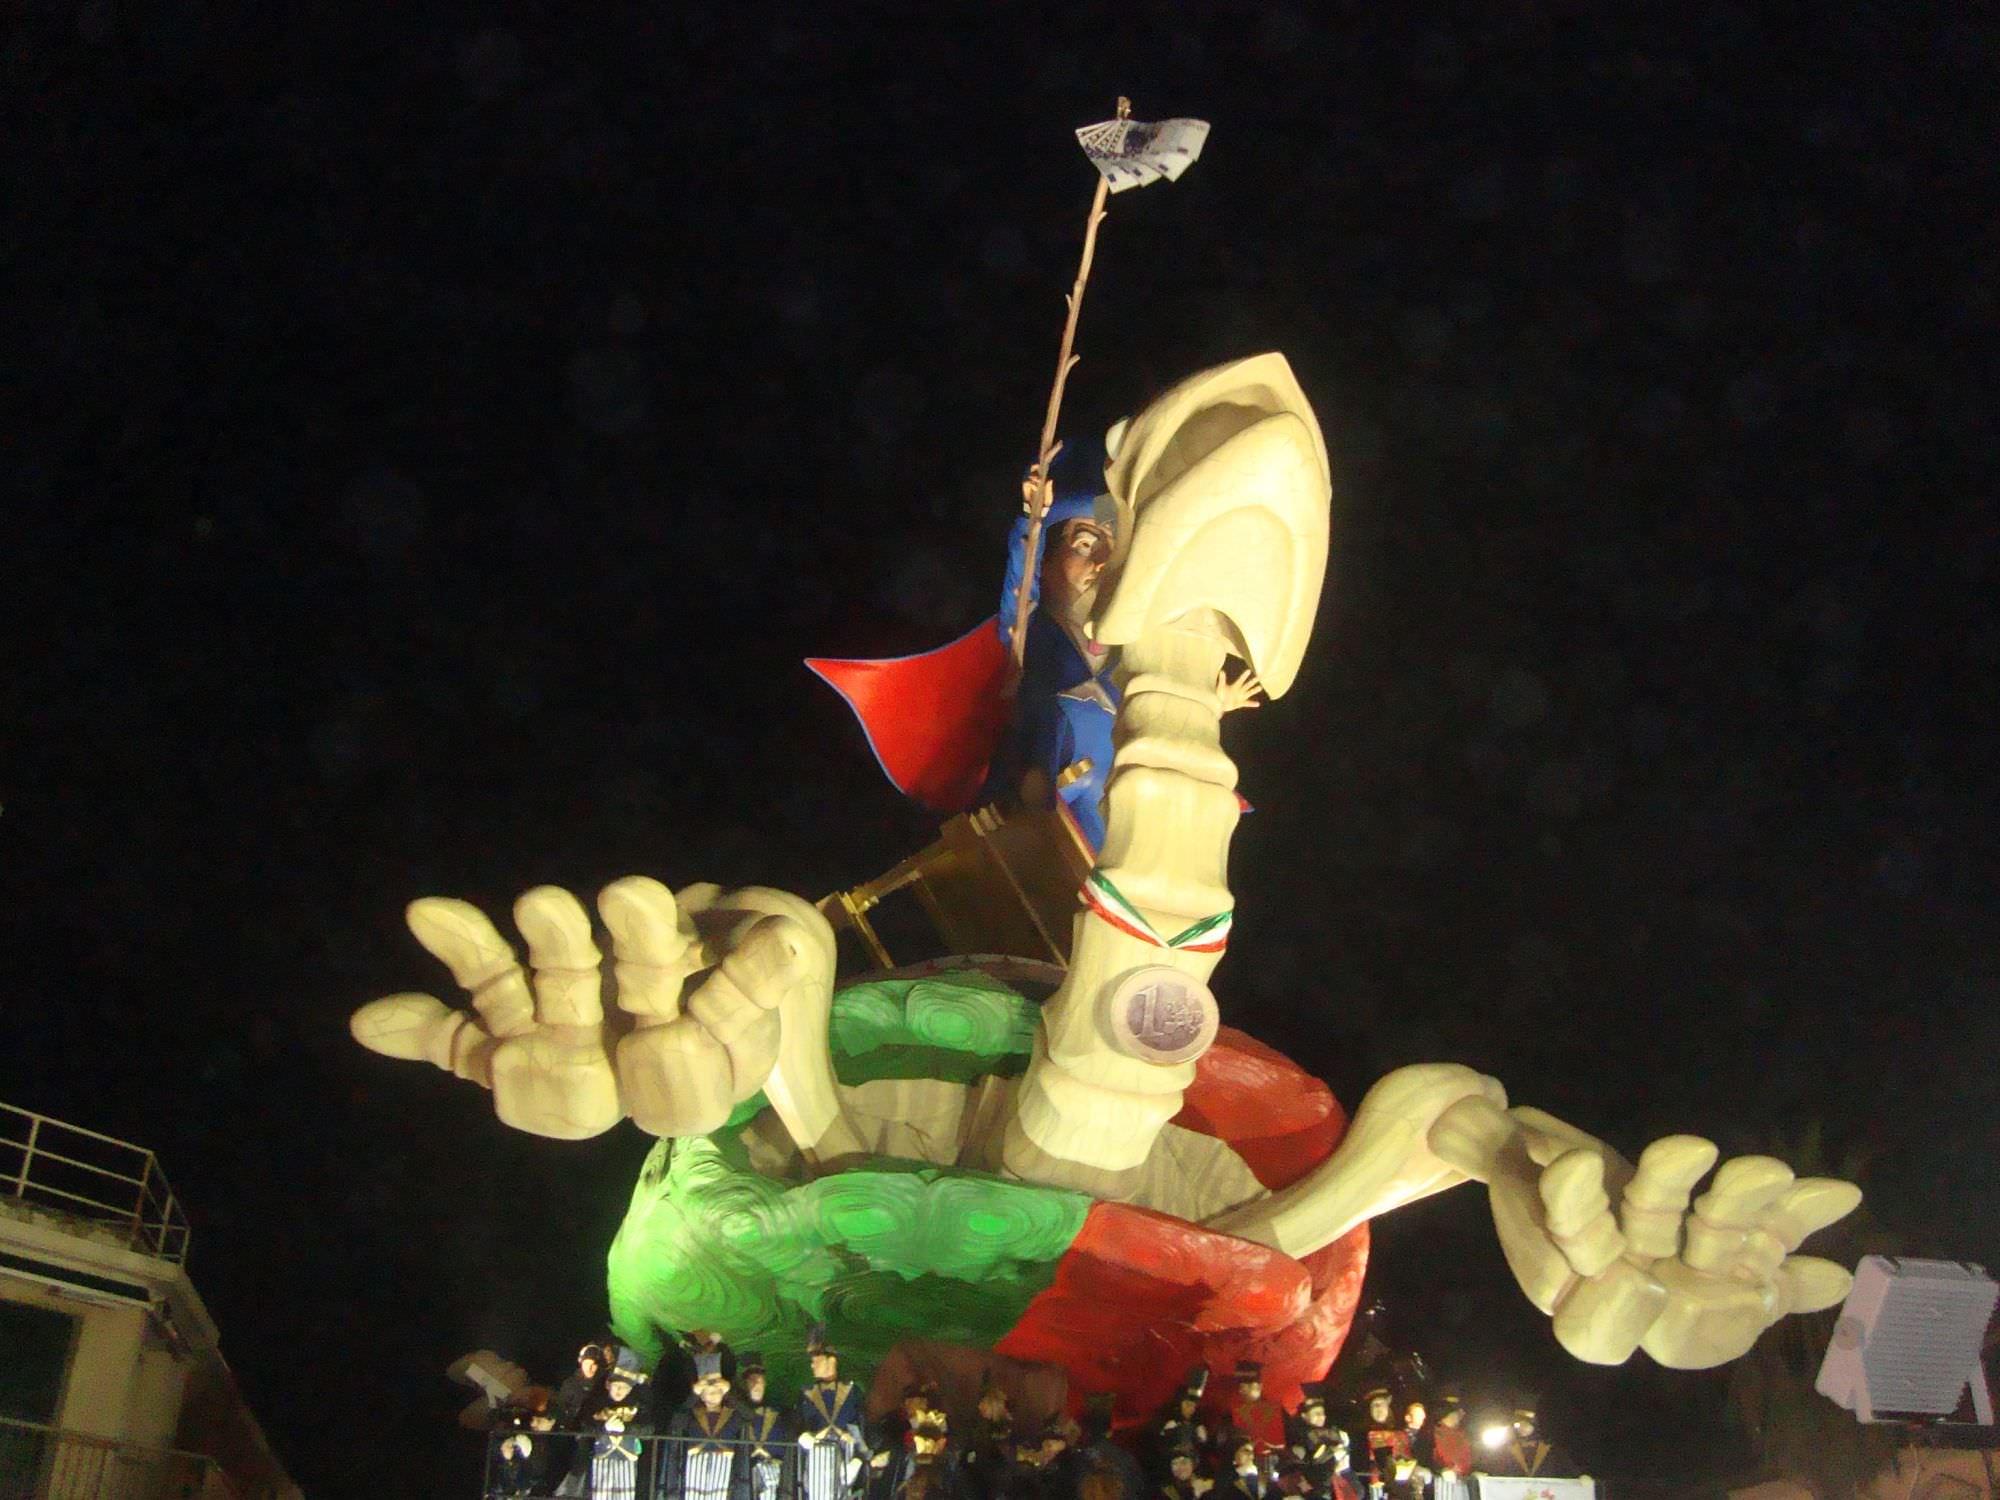 Carnevale estivo 2015, niente sfilata per i carri di Avanzini e Lebigre-Roger